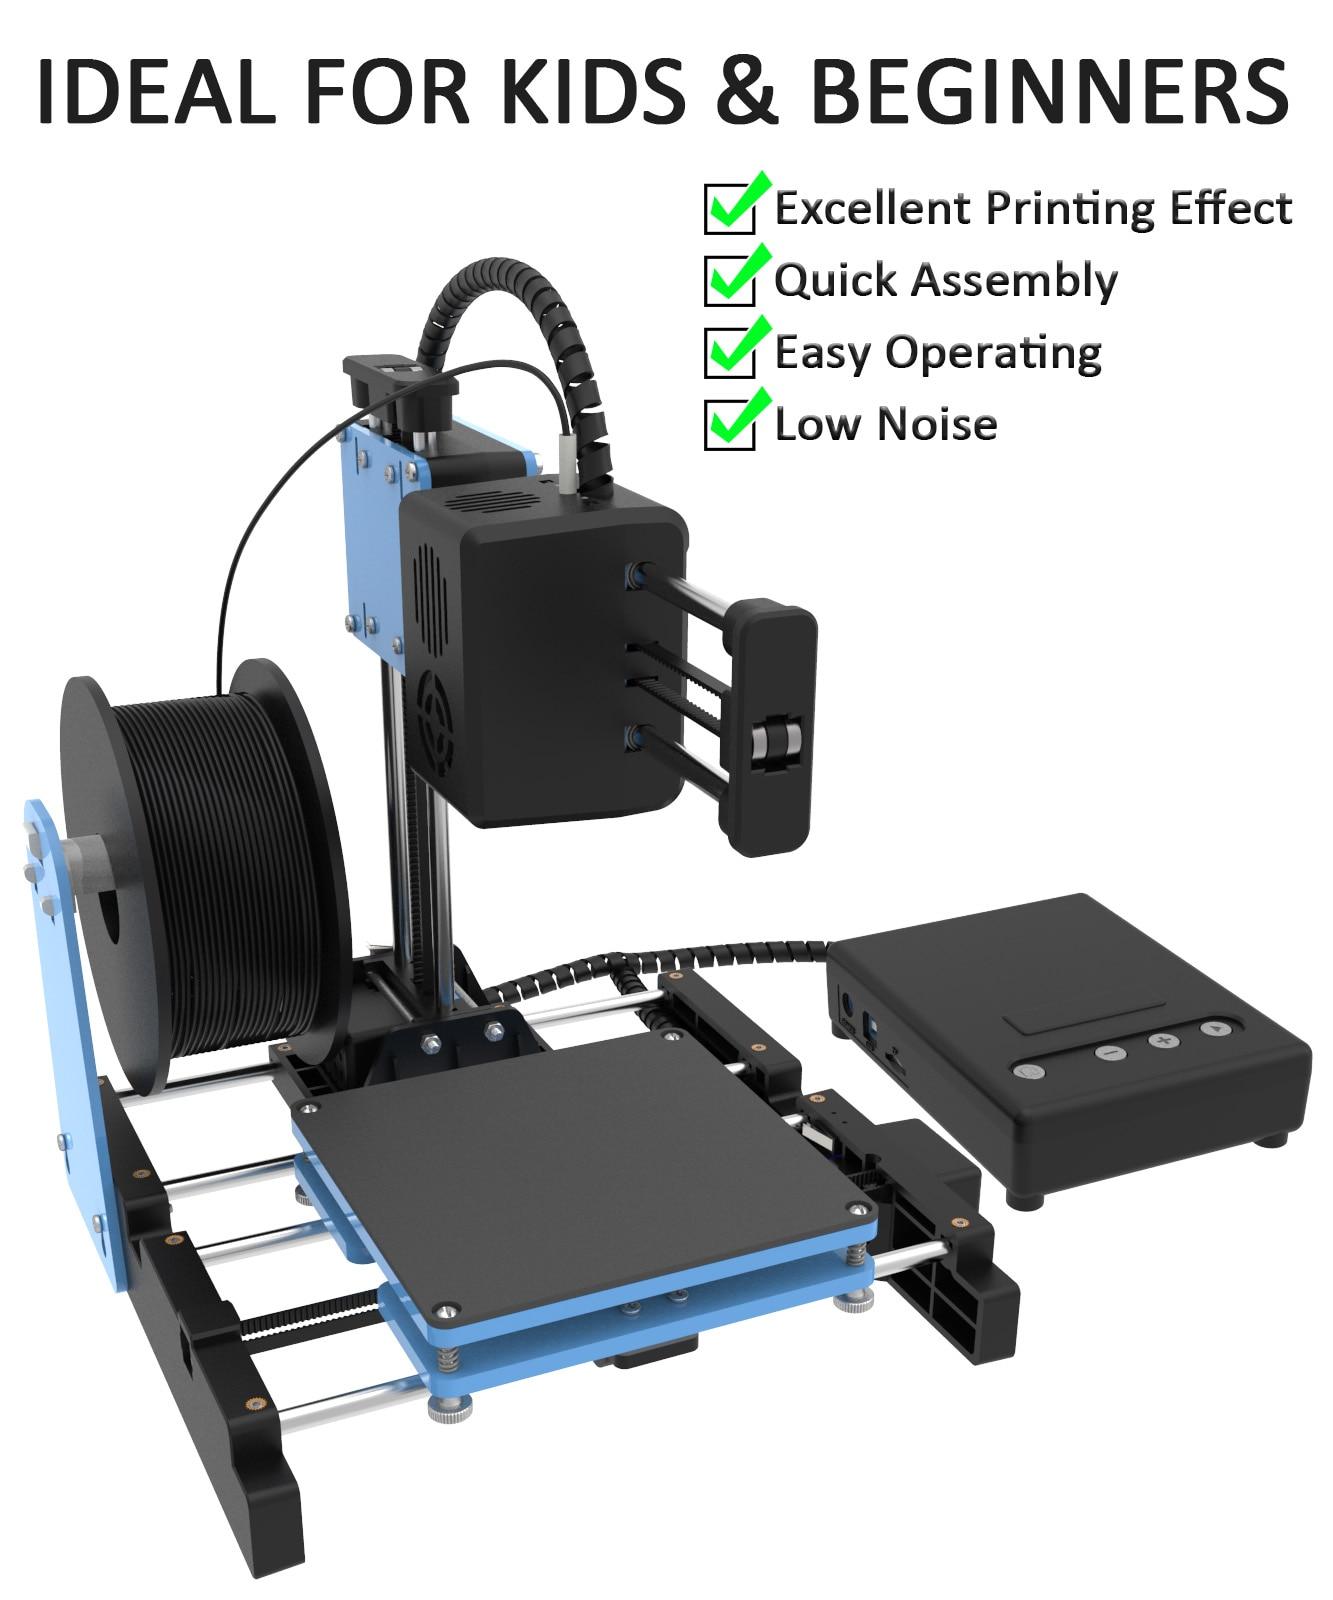 طابعة صغيرة ثلاثية الأبعاد لا يسخن السرير معدات طباعة مفتاح واحد مع TF بطاقة PLA خيوط آلة طباعة بسيطة